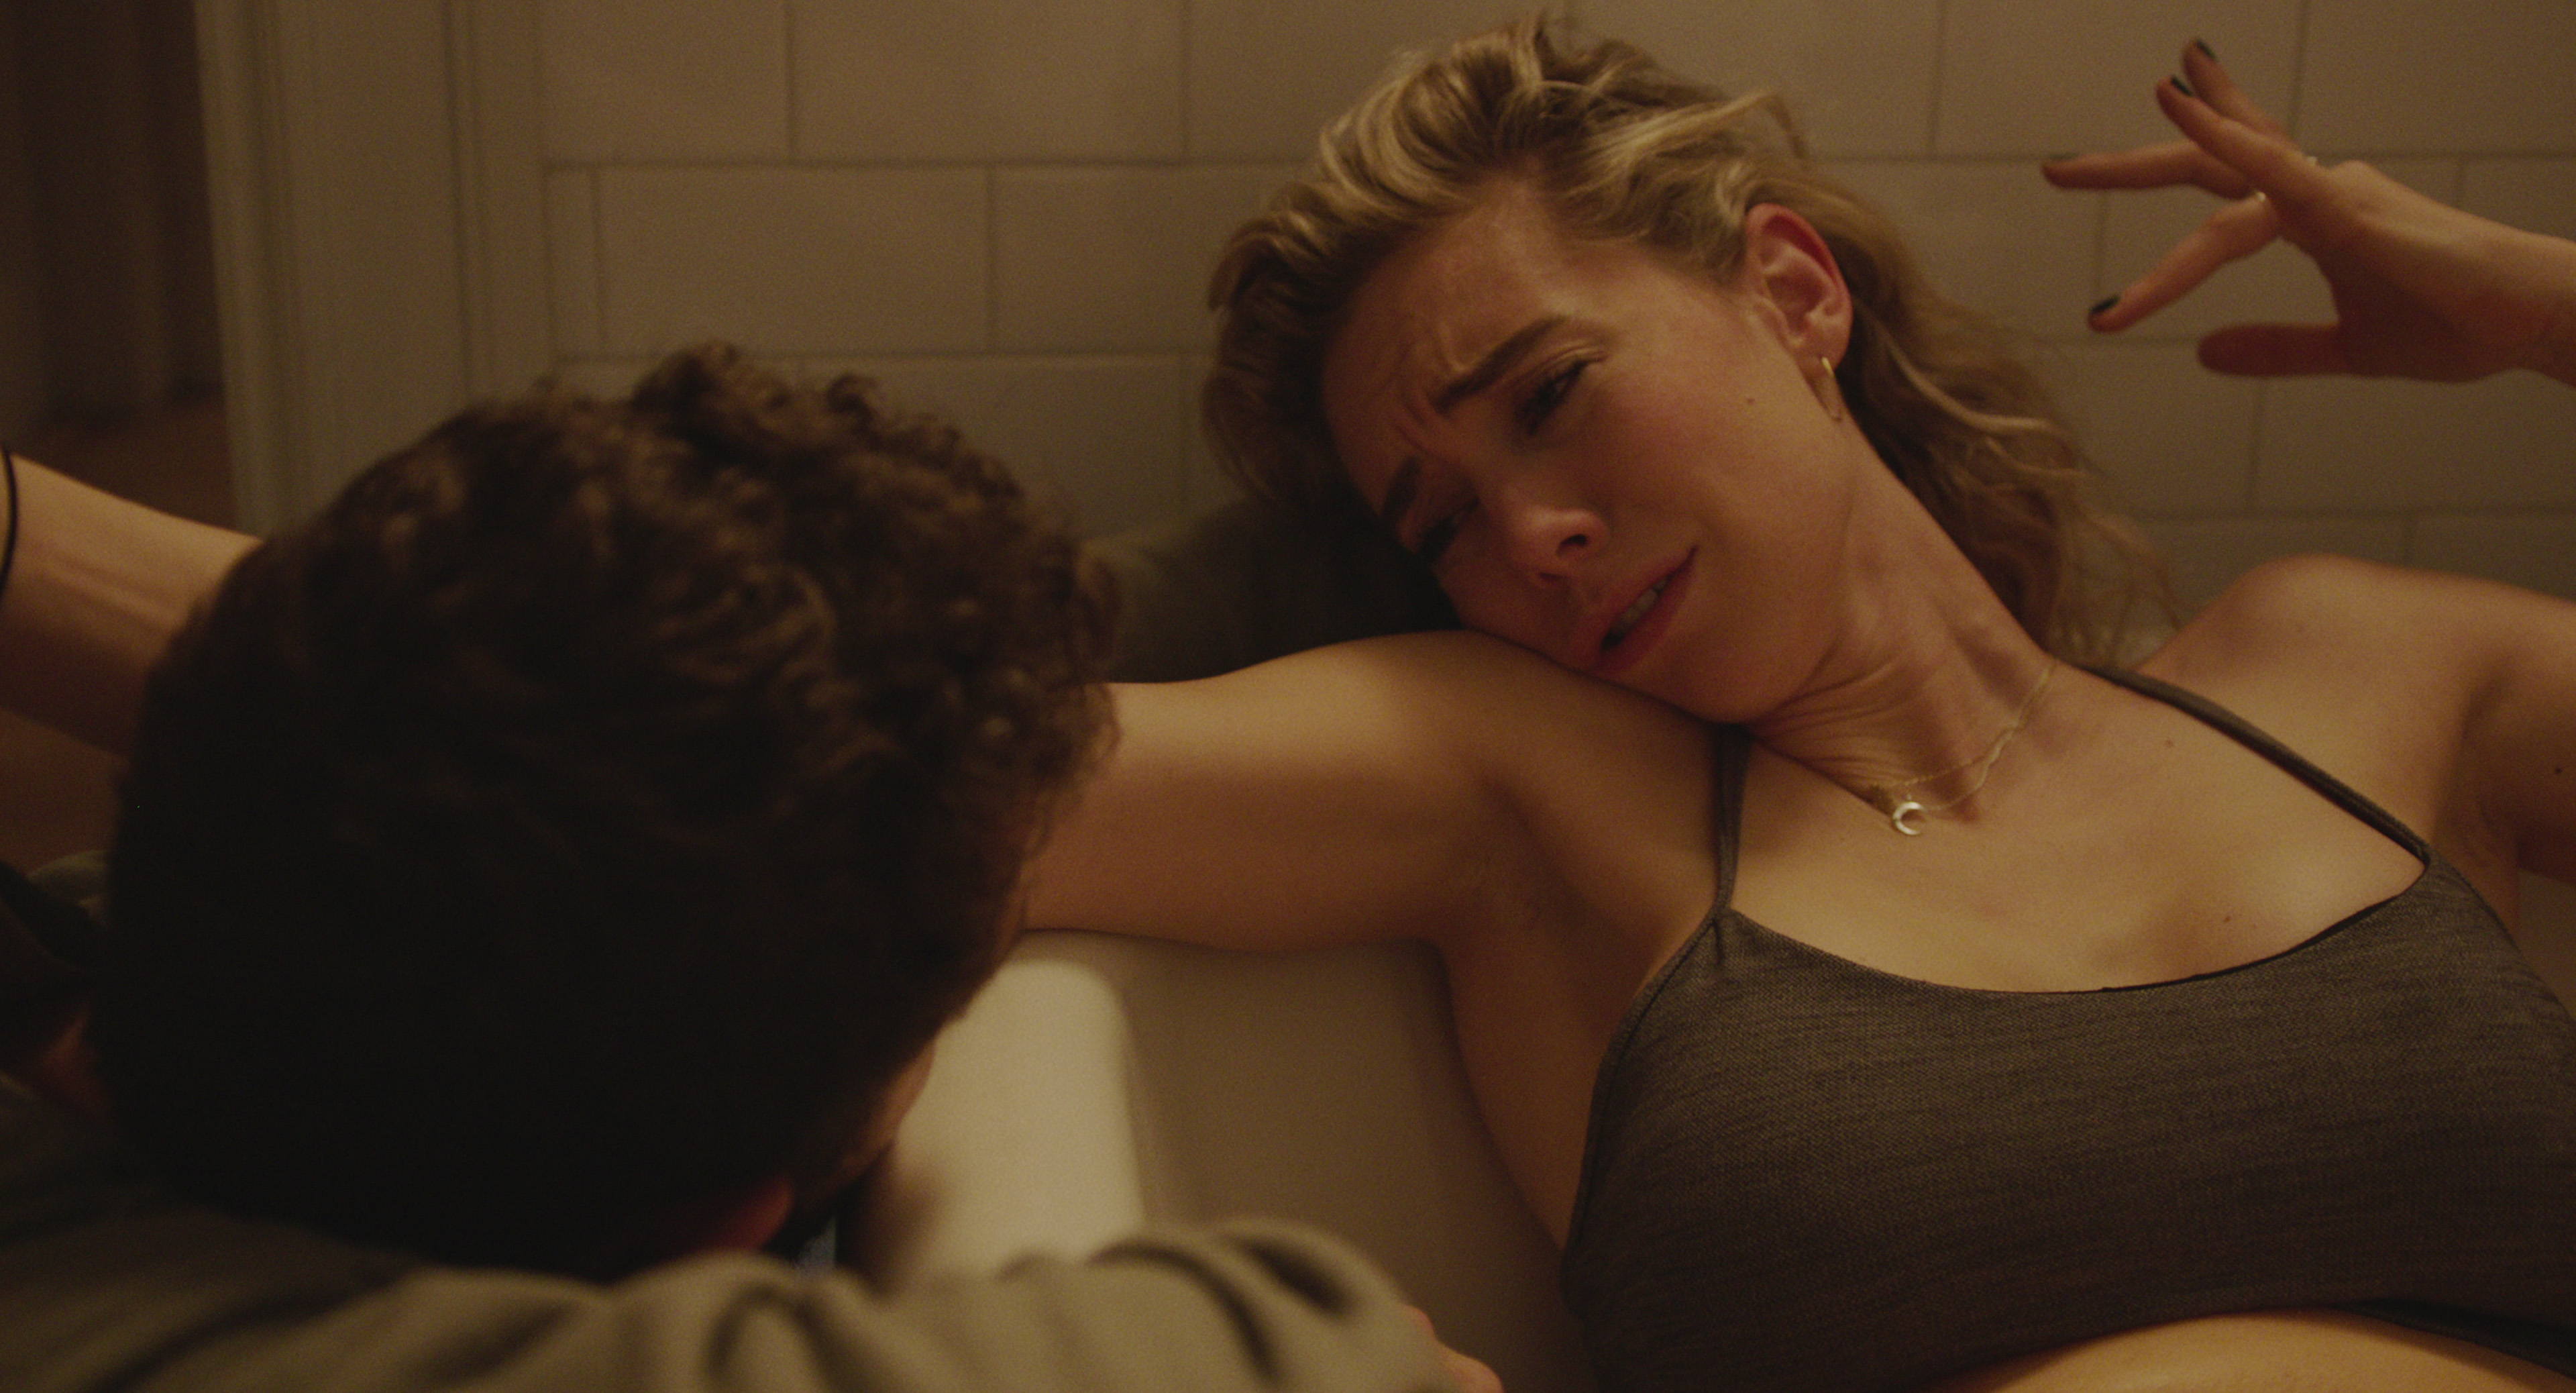 Uma mulher loira está deitada dentro de uma banheira, olhando para um homem, do lado de fora